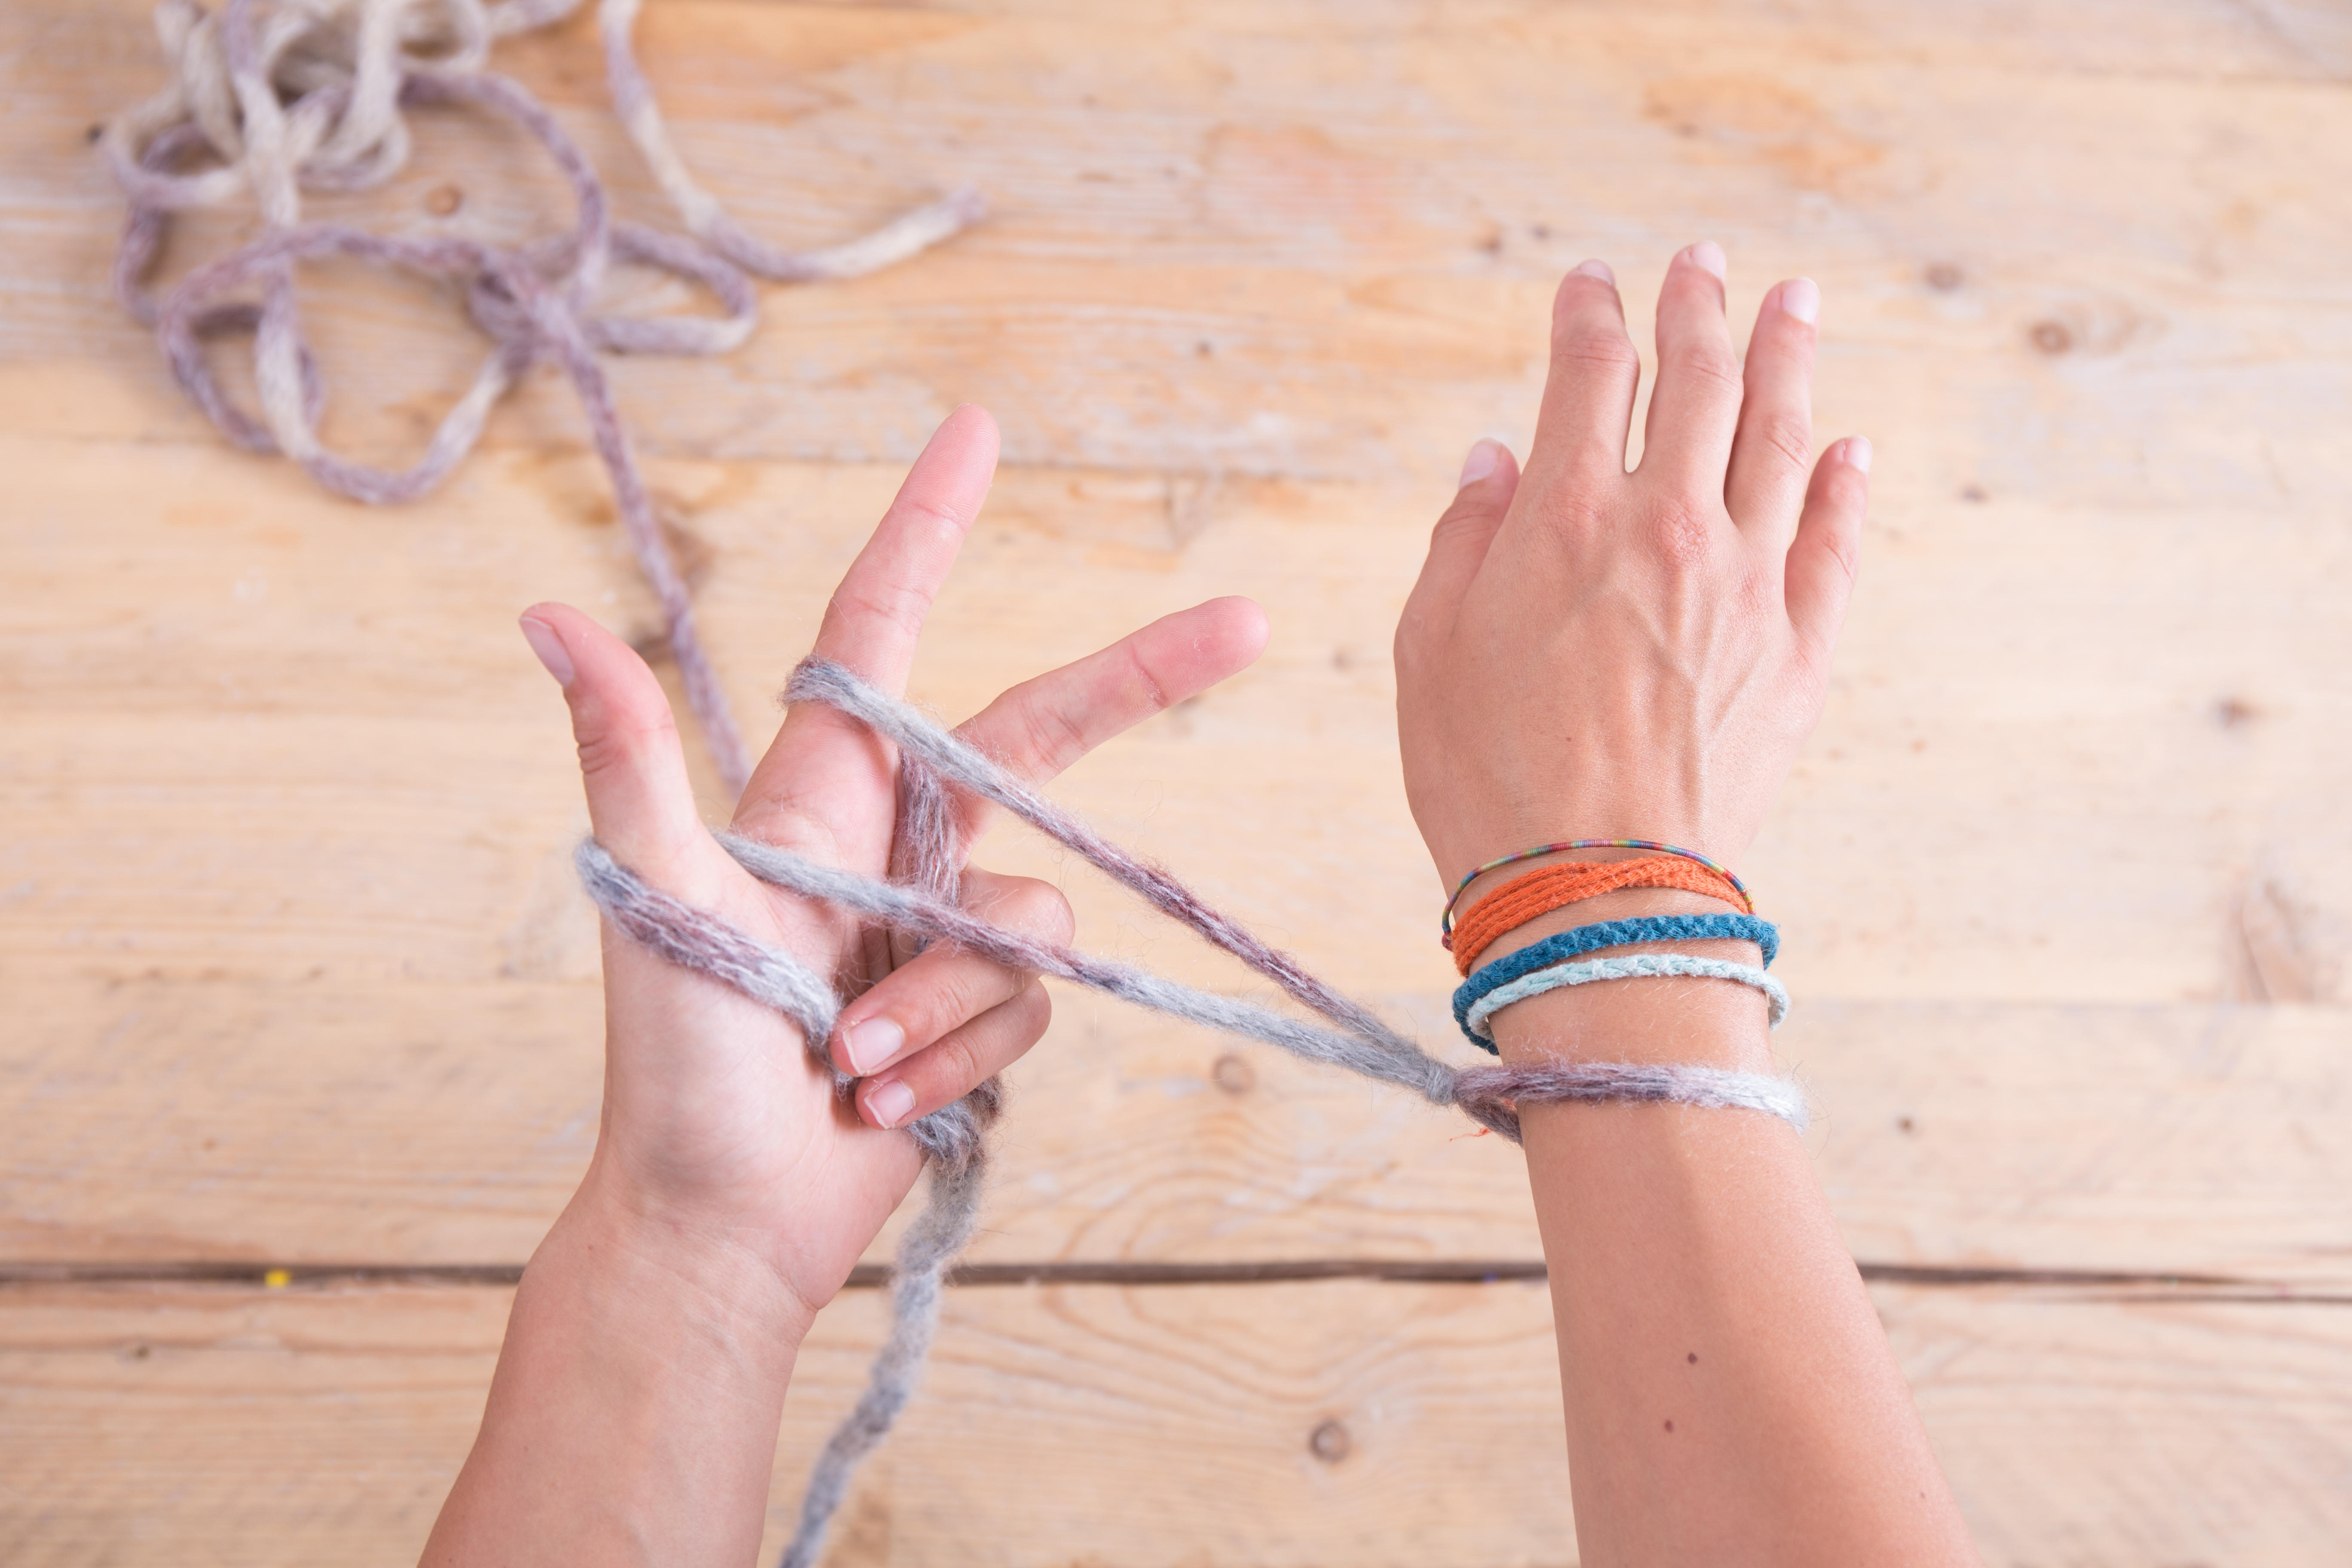 Mit dem Ringfinger und dem kleinen Finger hältst du die beiden losen Fadenenden fest.